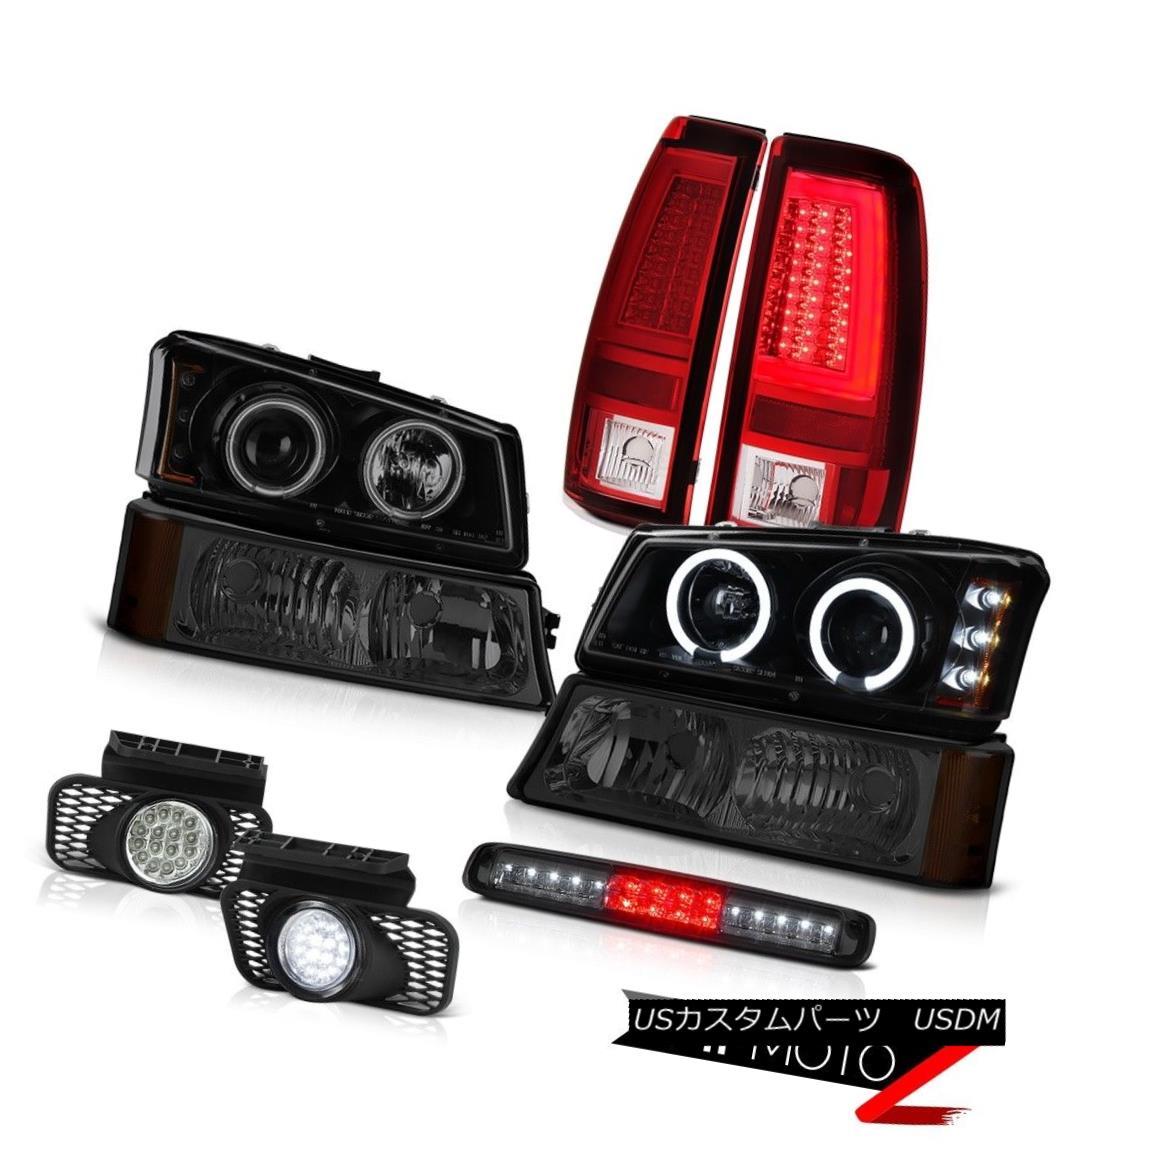 テールライト 2003-2006 Silverado Tail Lights Parking Light Roof Brake Fog Headlamps Tron Tube 2003-2006シルバラードテールライトパーキングライトルーフブレーキフォグヘッドランプトロンチューブ